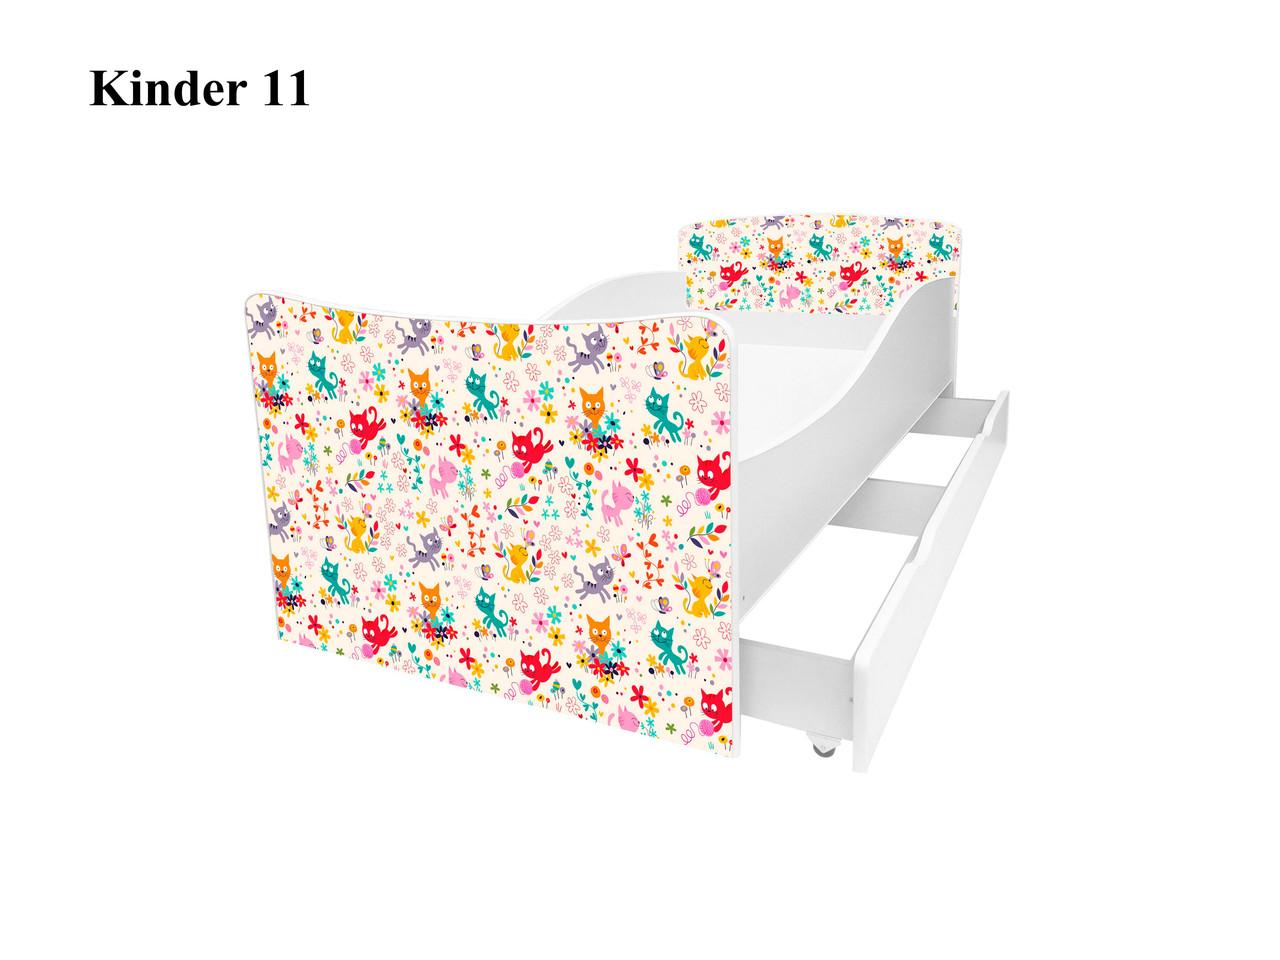 Детская кровать Киндер 11. Сердечки.